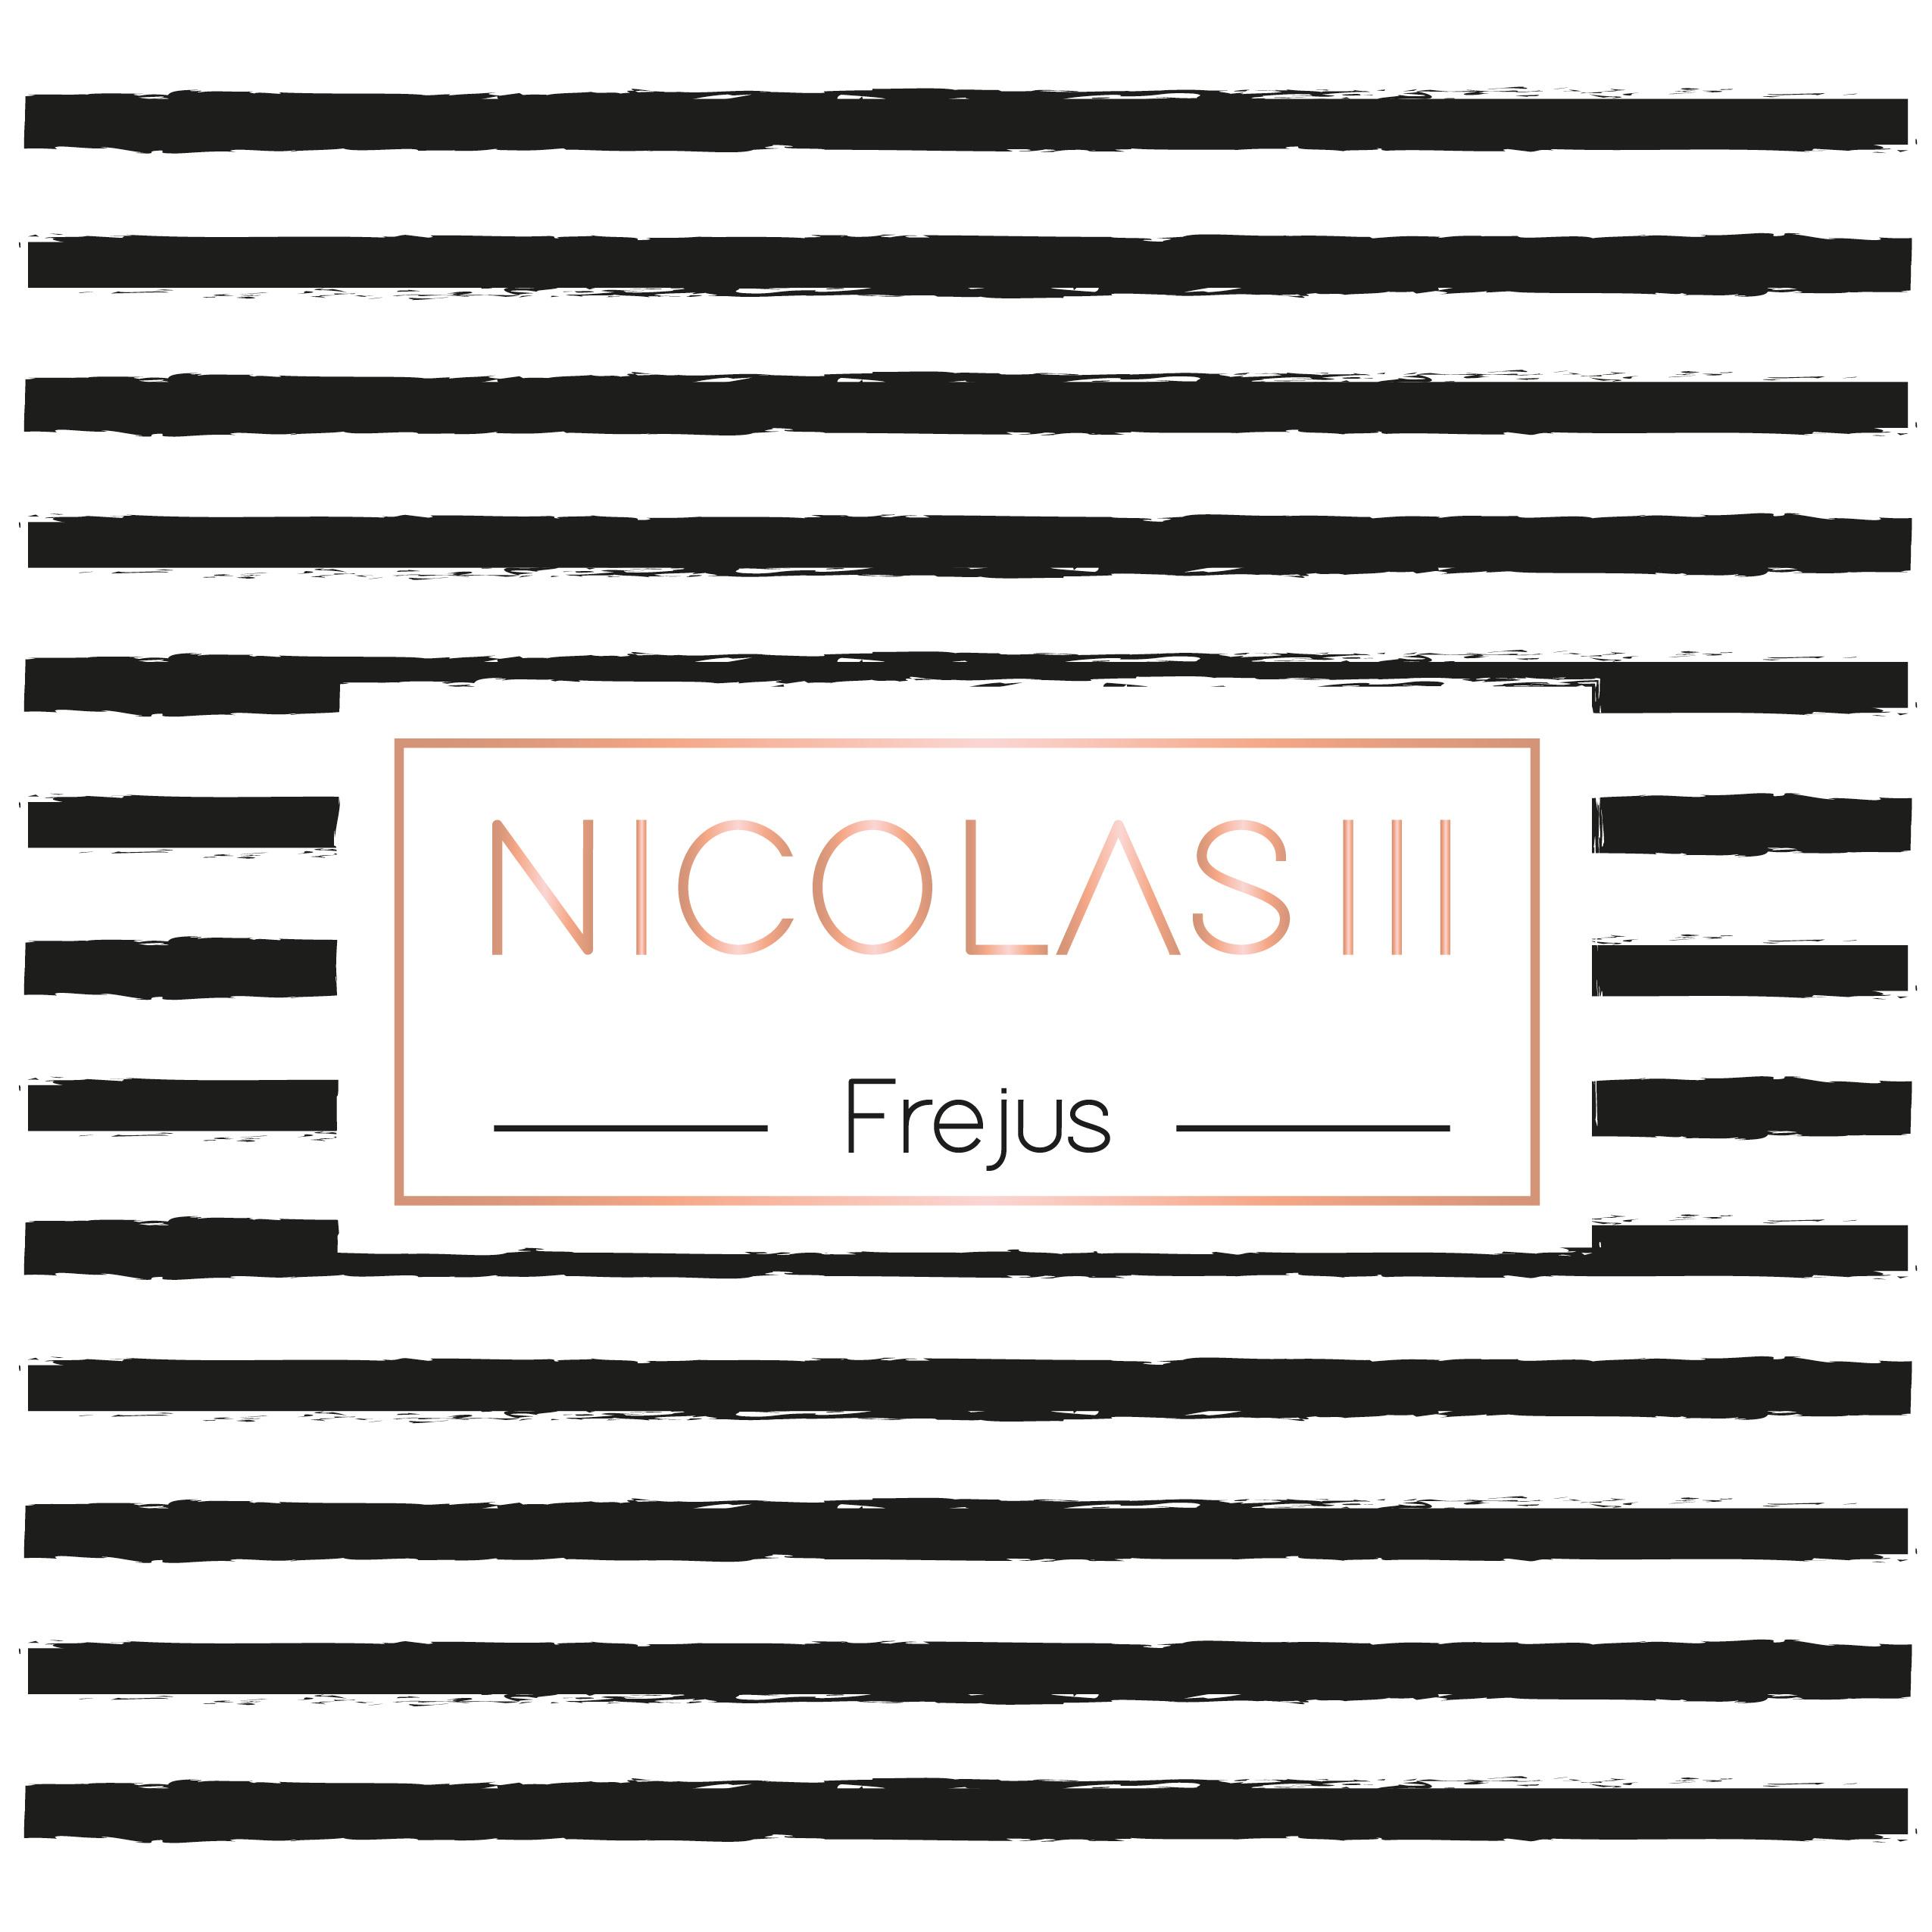 Nicolas 3 Fréjus